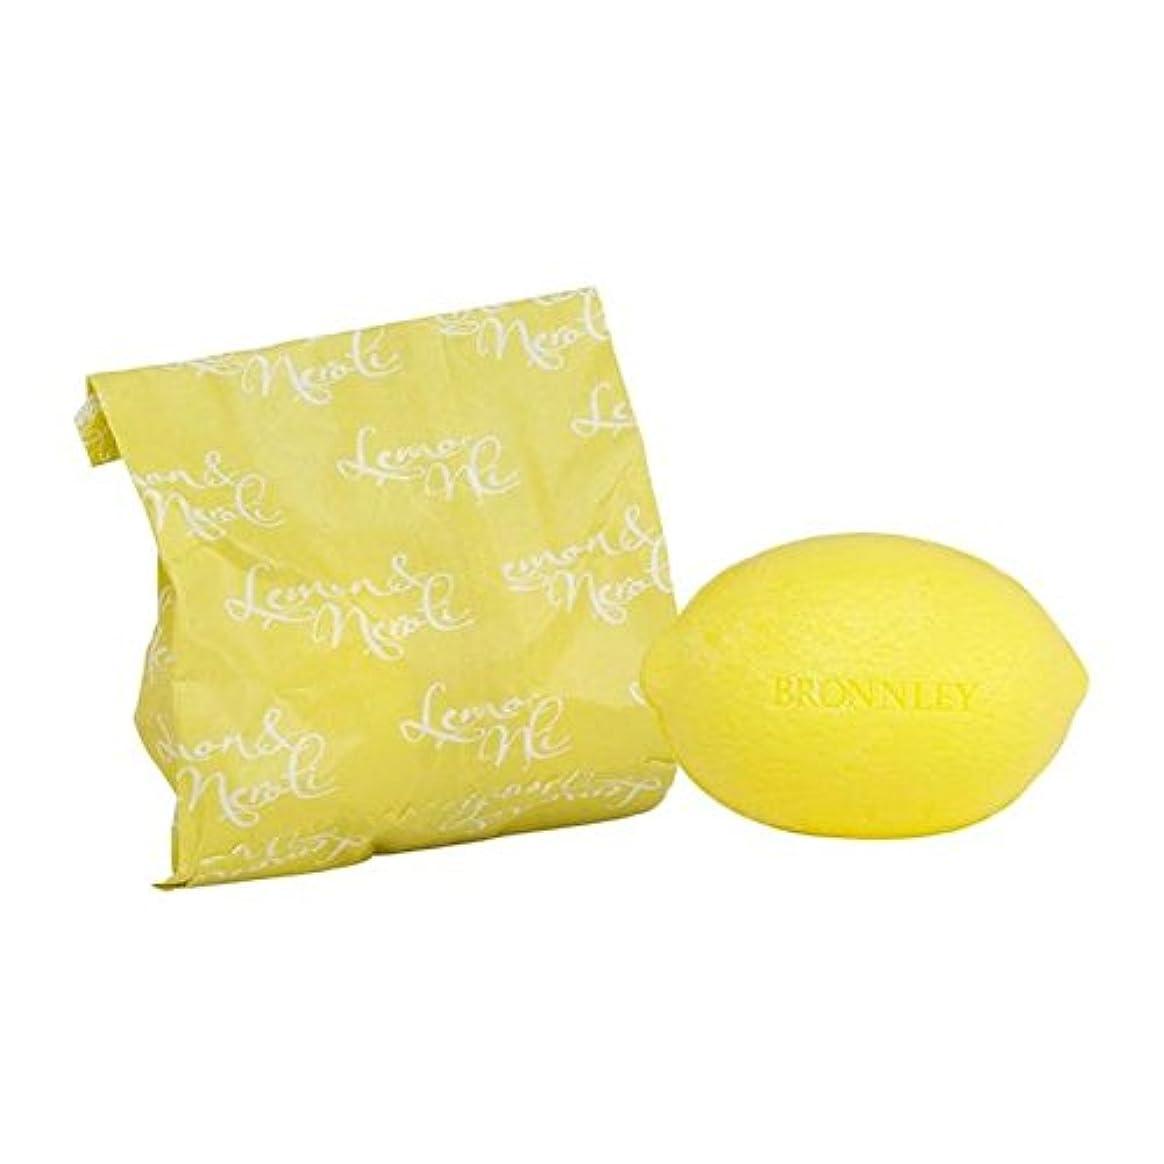 キャンバスノイズ保育園Bronnley Lemon & Neroli Soap 100g (Pack of 6) - レモン&ネロリ石鹸100グラム x6 [並行輸入品]